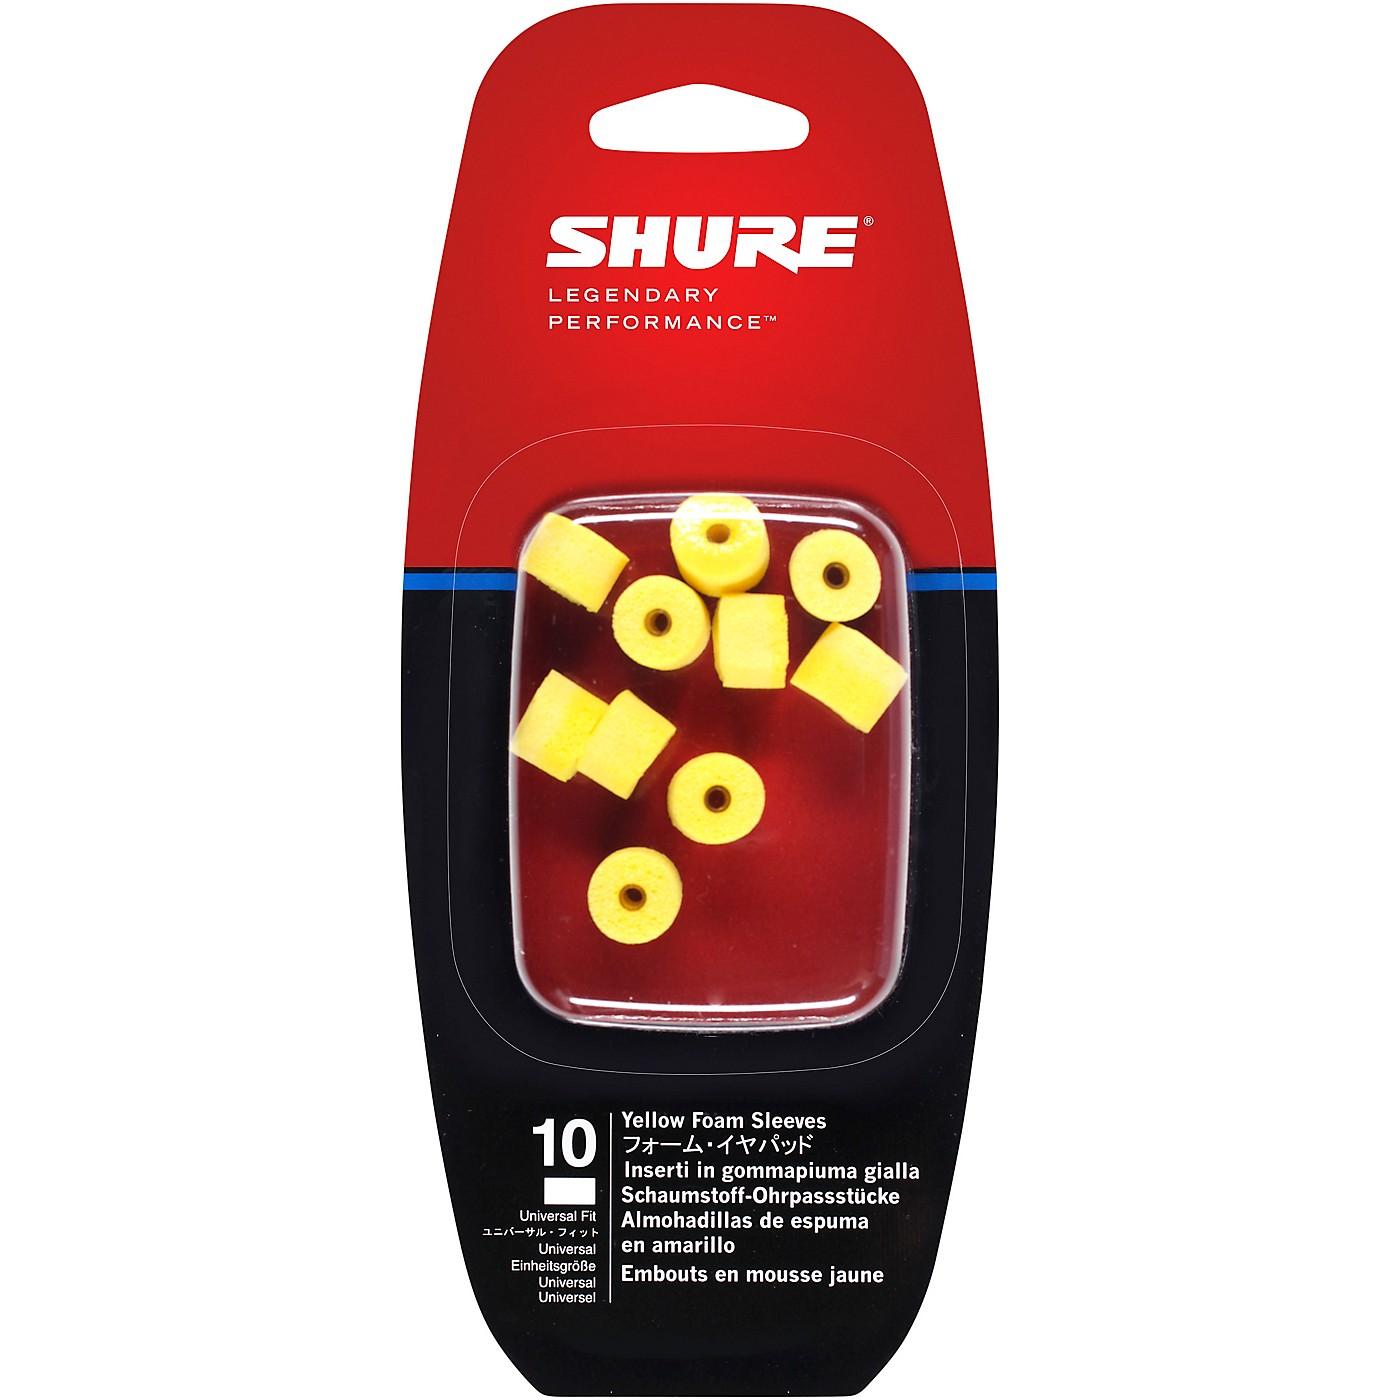 Shure EAYLF1-10 Foam Sleeves for SE Earphones thumbnail